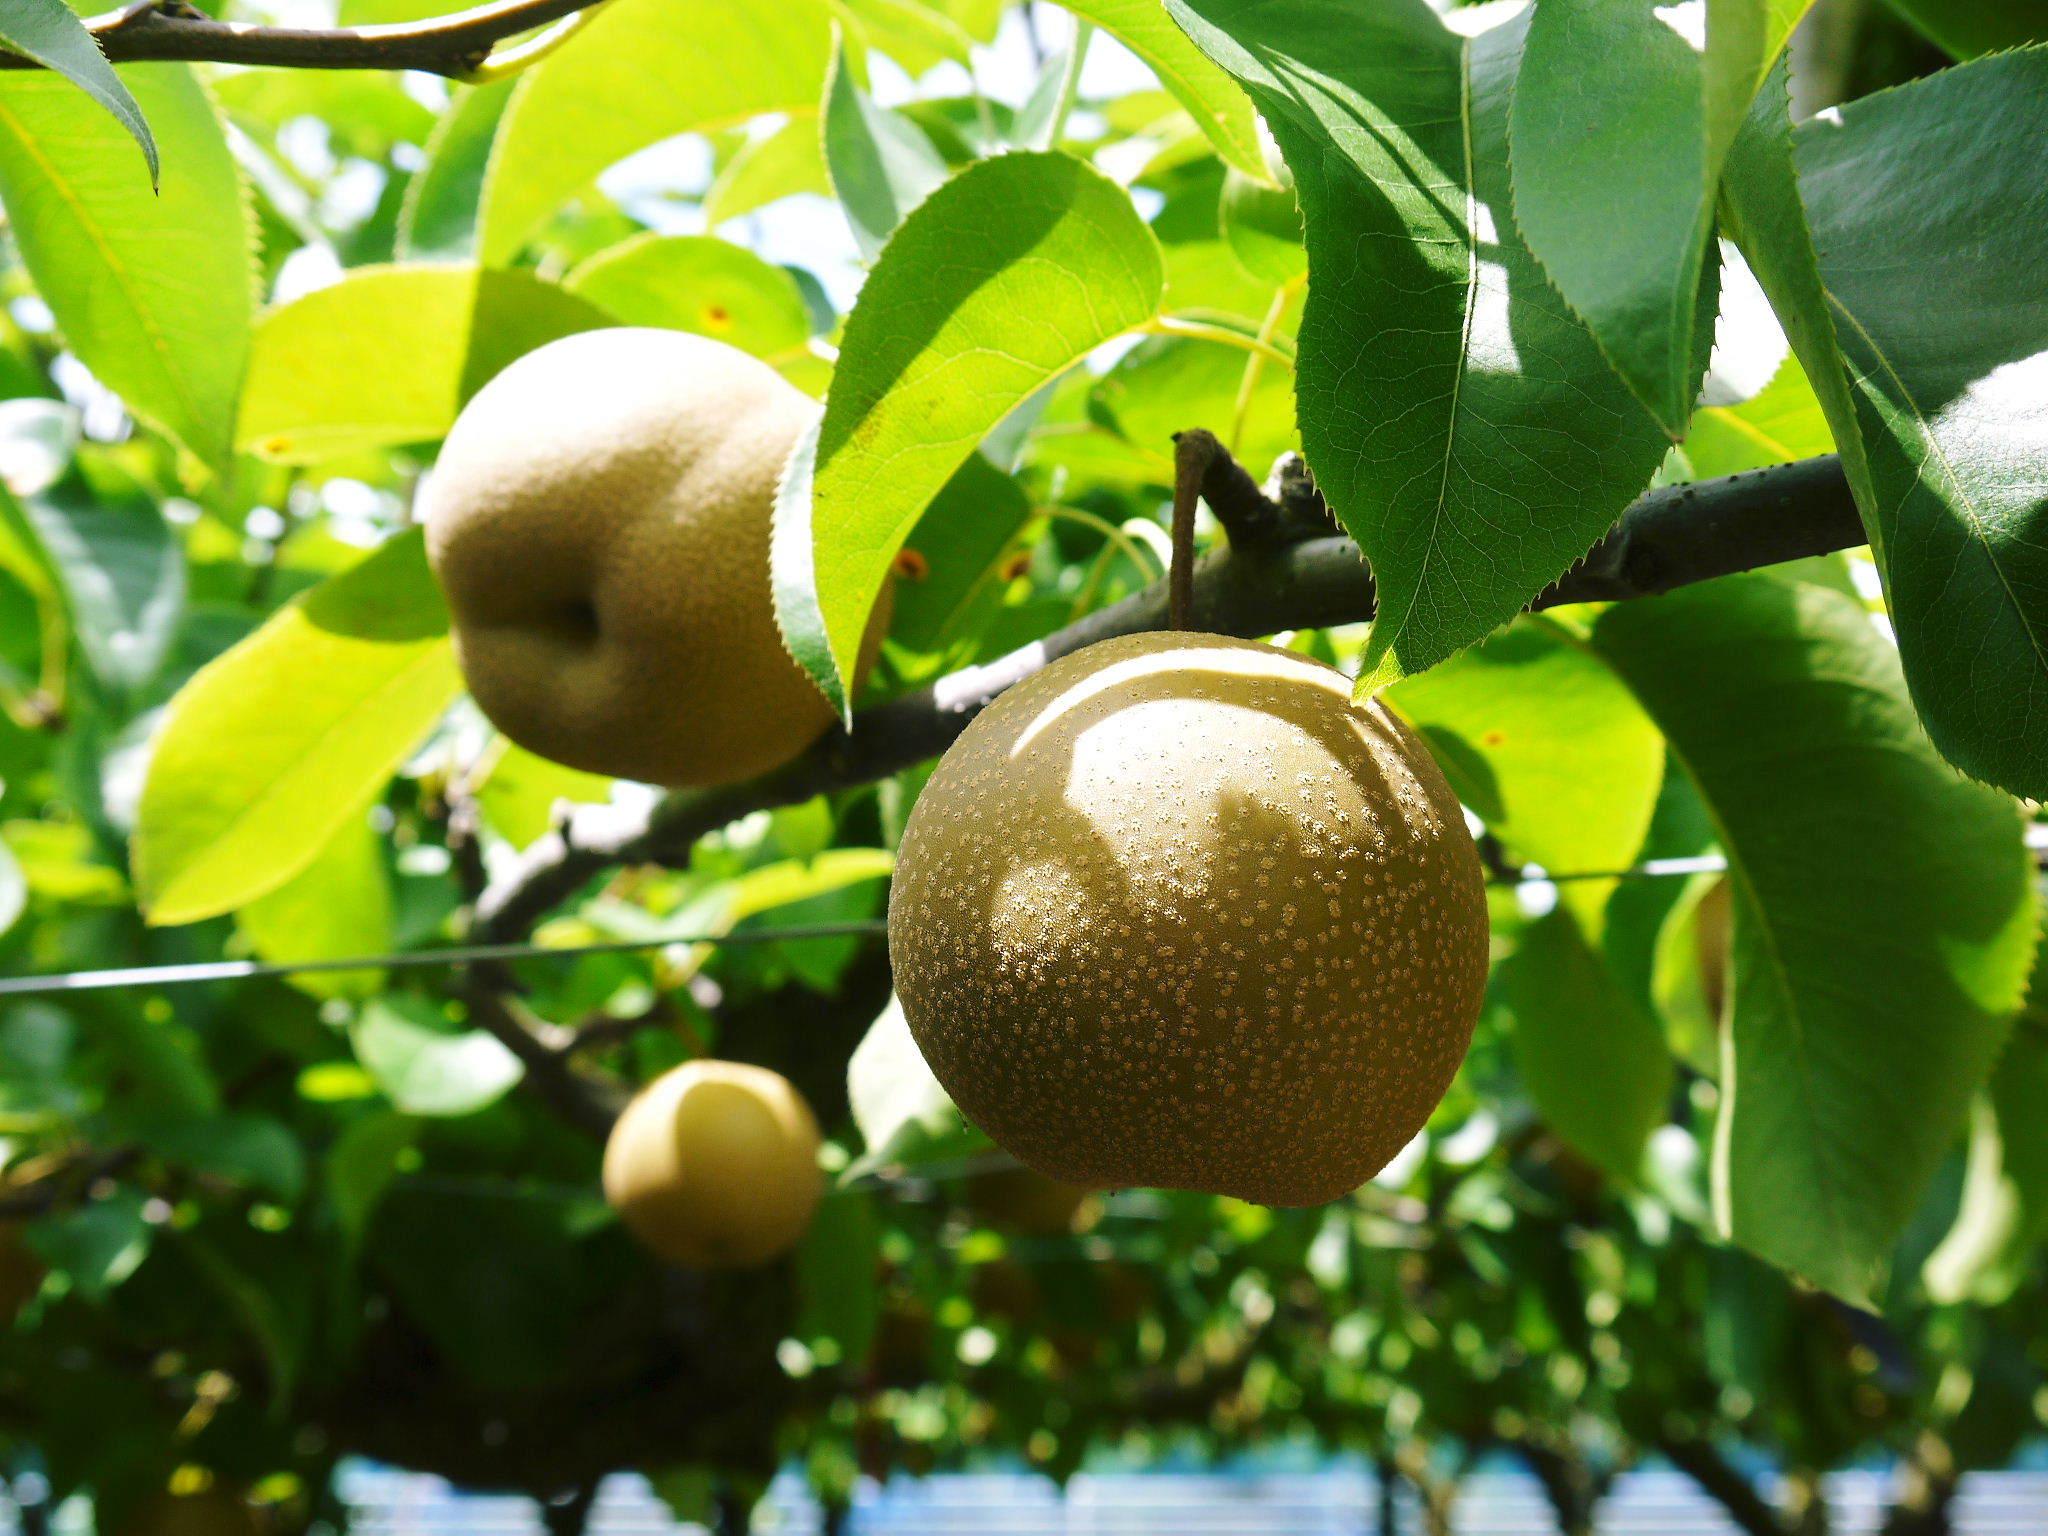 熊本梨 本藤果樹園 今年(令和3年)も元気に育つ梨園の様子!樹上完熟にこだわりお届けします!!_a0254656_16500240.jpg